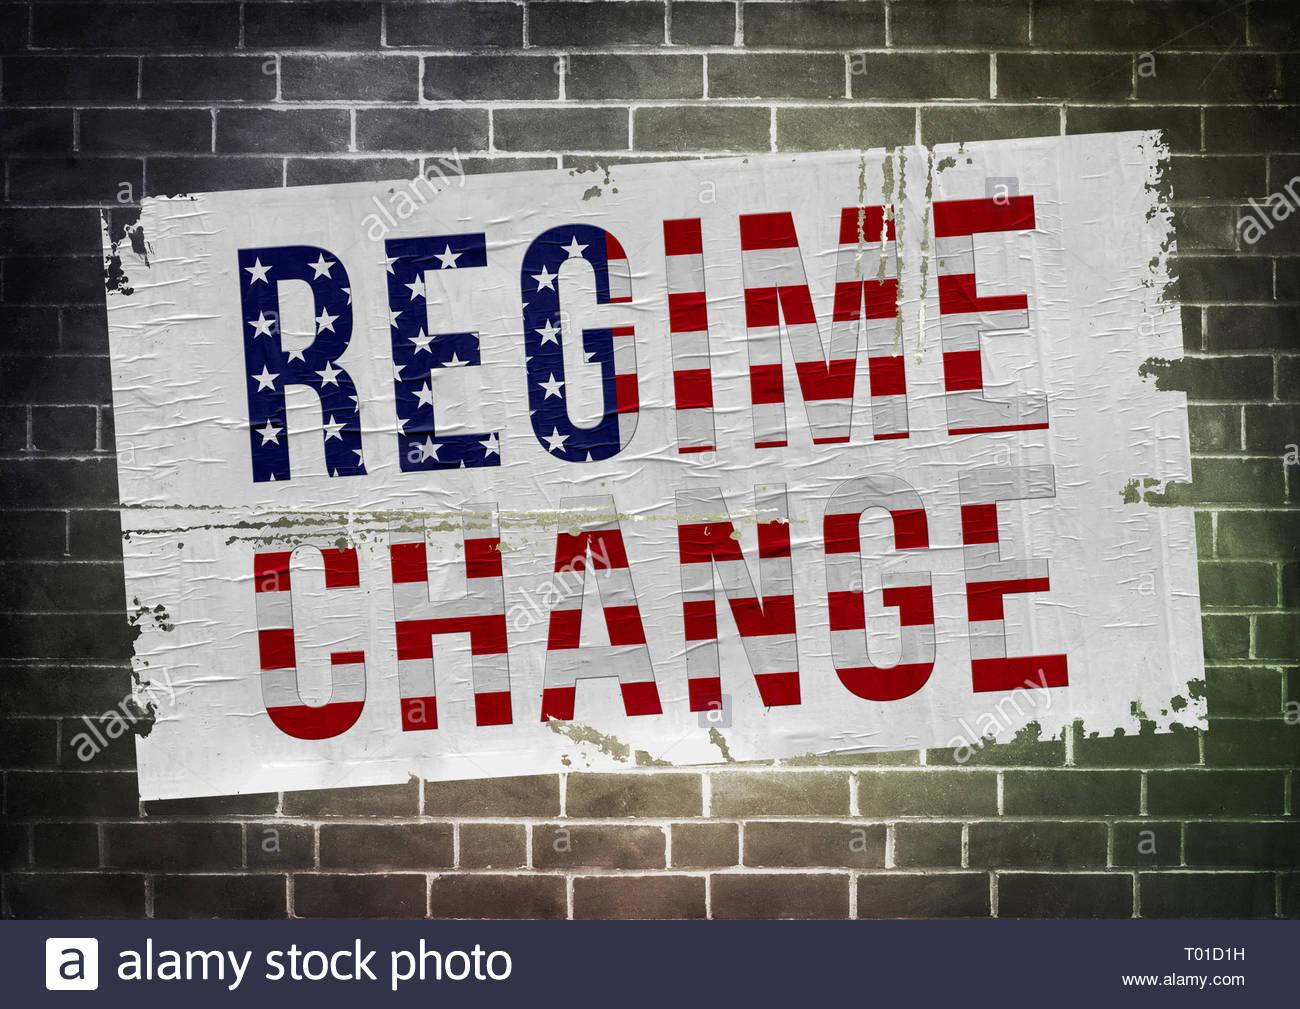 El cambio de régimen - la política americana Imagen De Stock